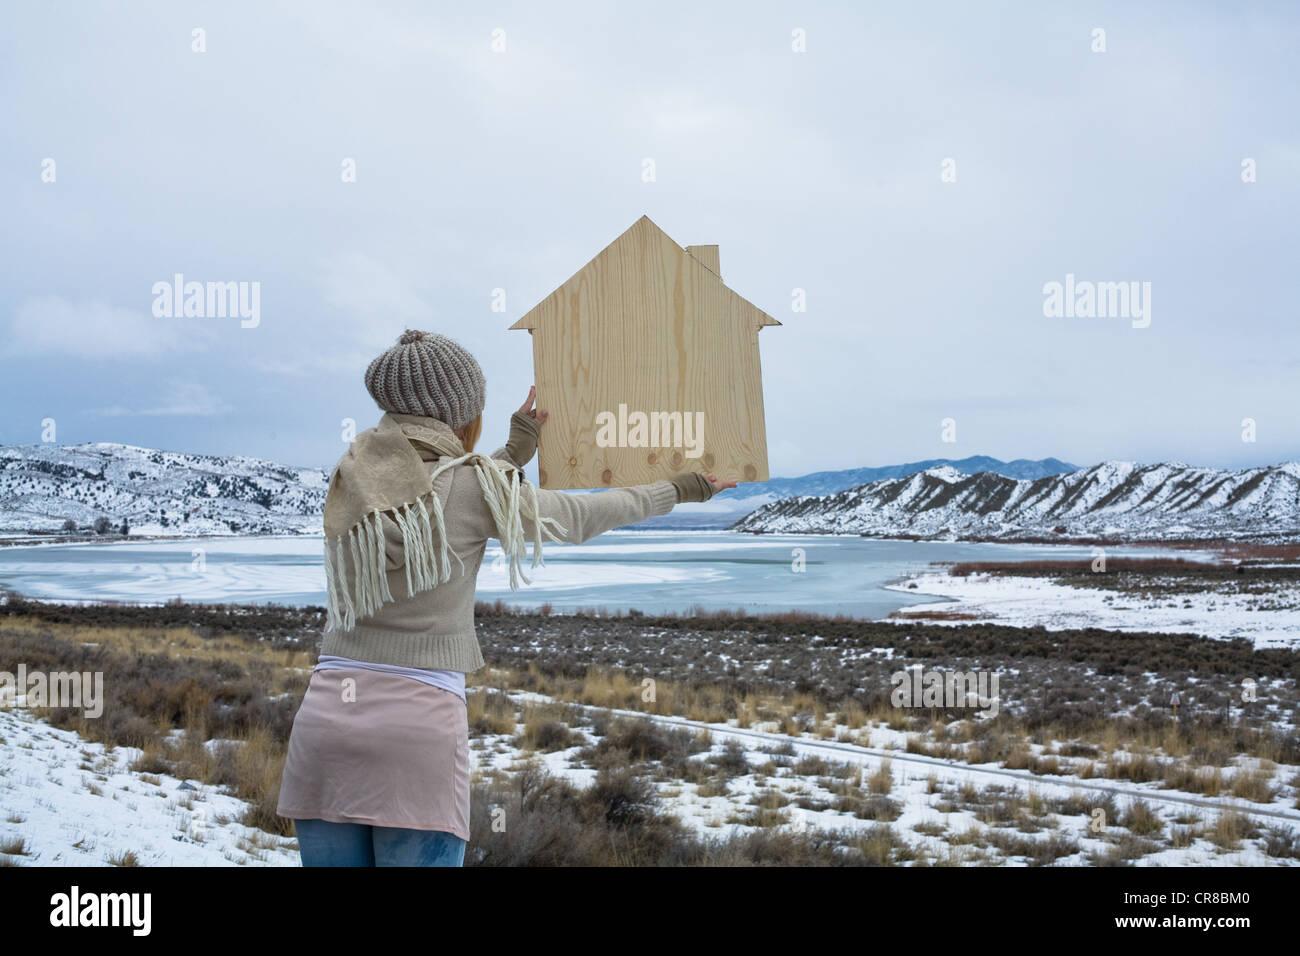 Mujer en el pintoresco paisaje de madera con la forma de una casa Imagen De Stock